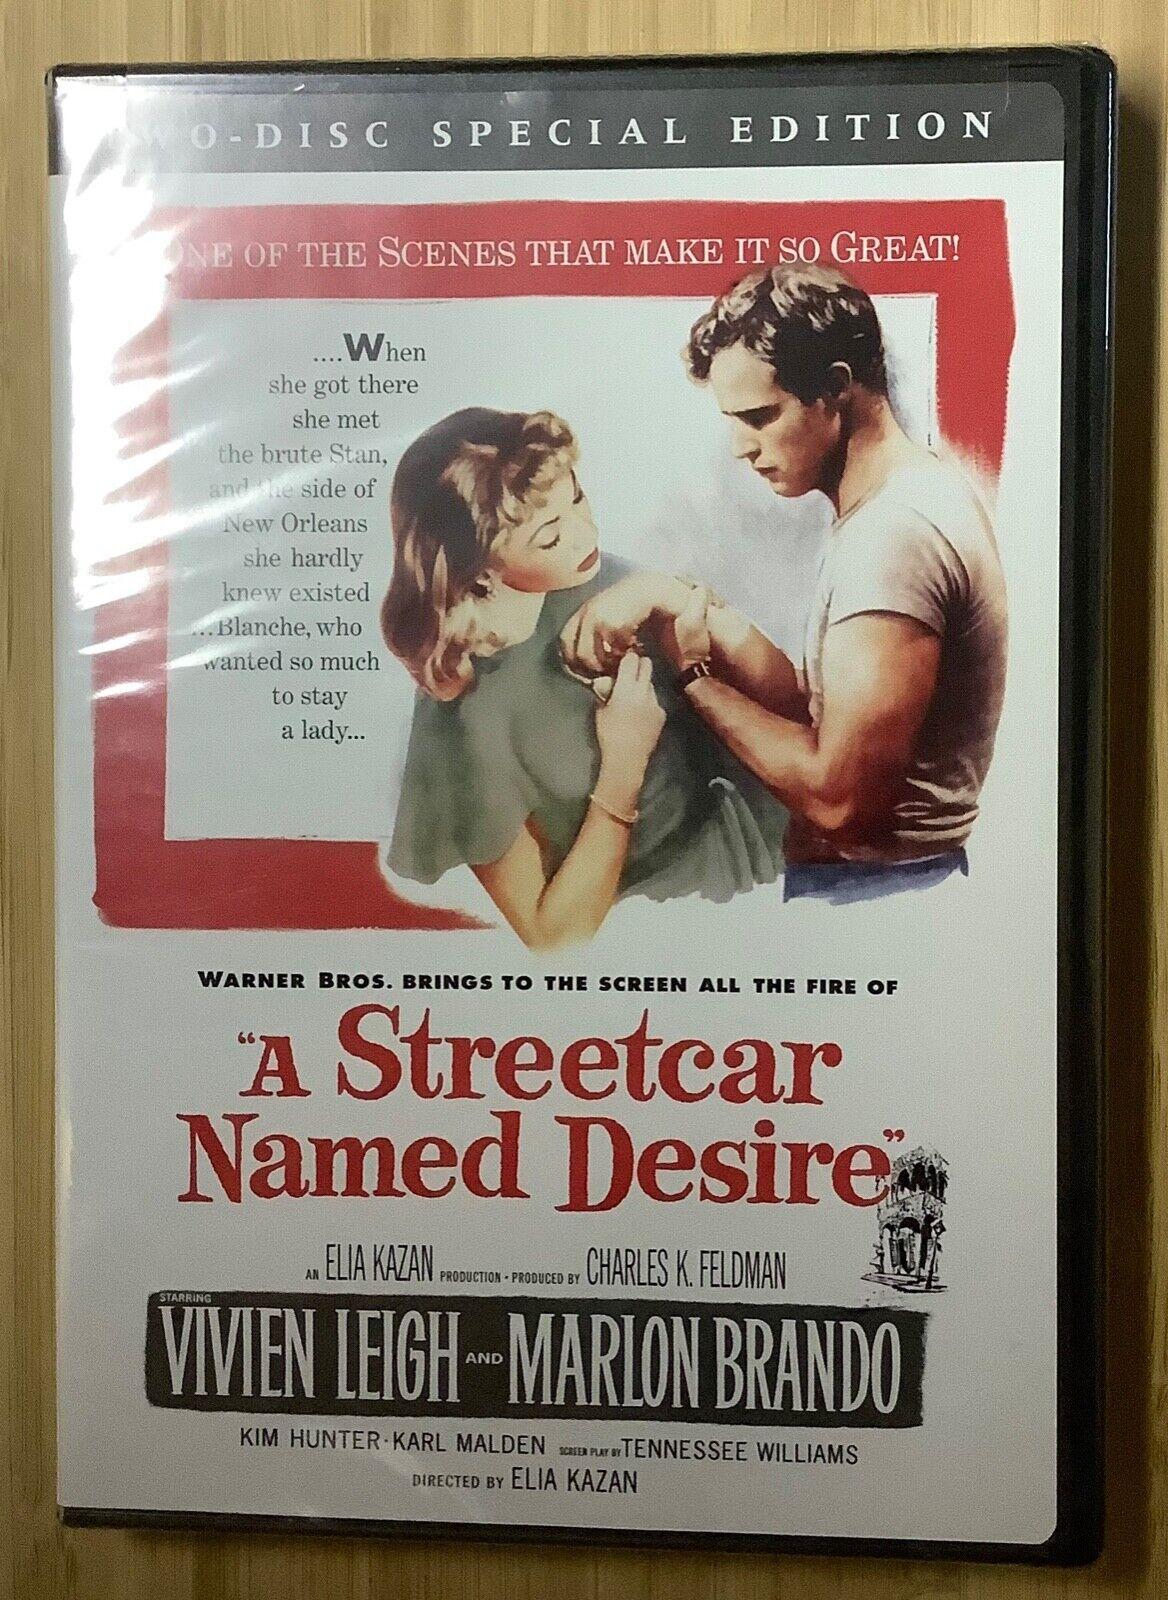 A Streetcar Named Desire 1951 DVD 2-disc Marlon Brando Vivien Leigh NEW SEALED - $15.00